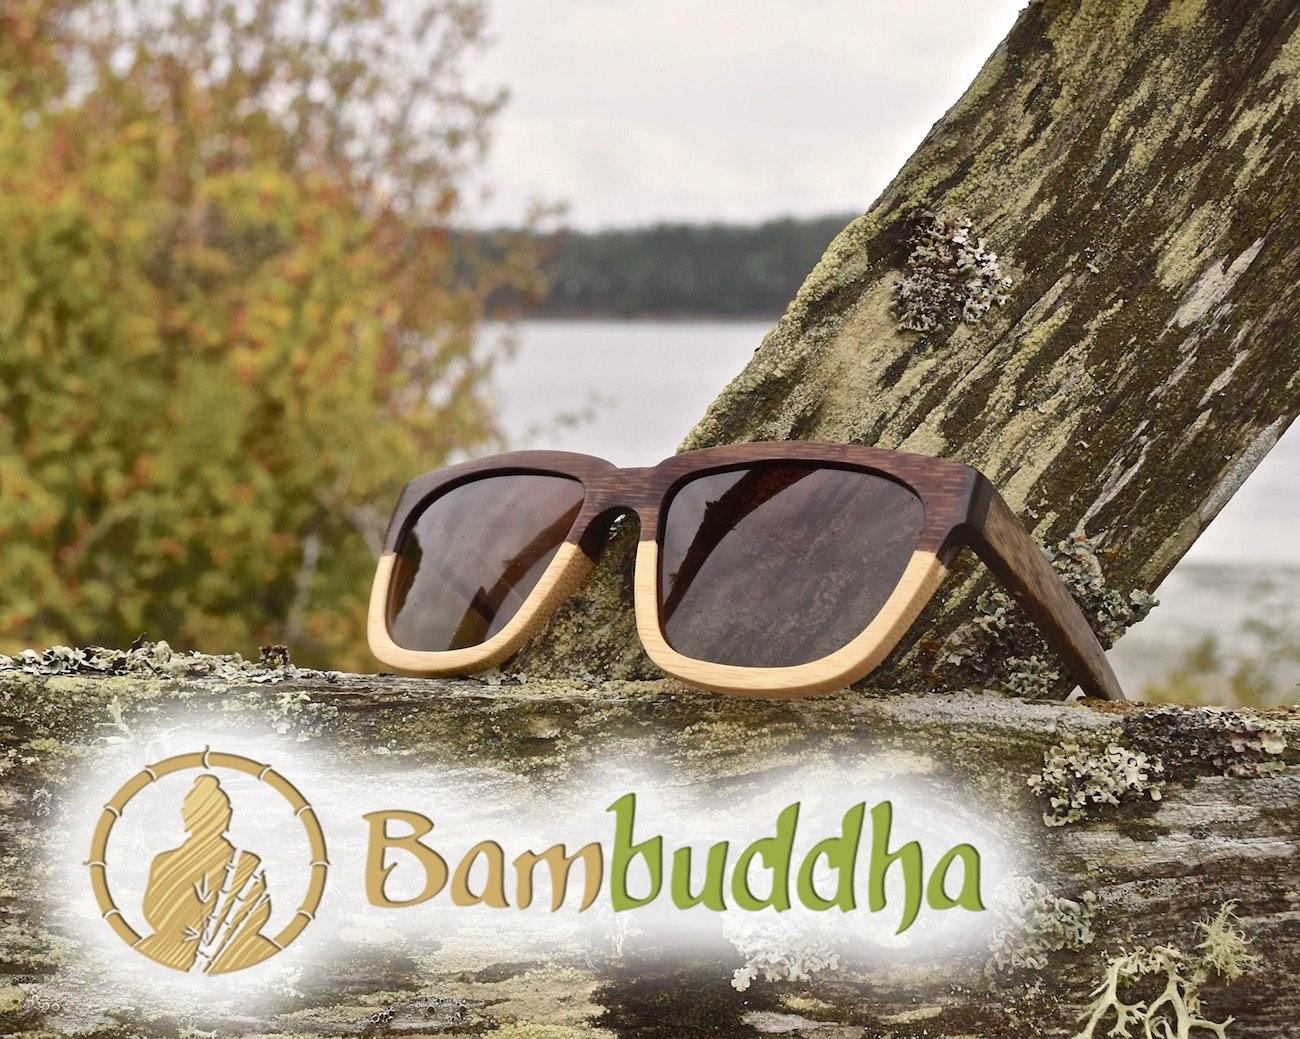 Bambuddha Bamboo Sunglasses